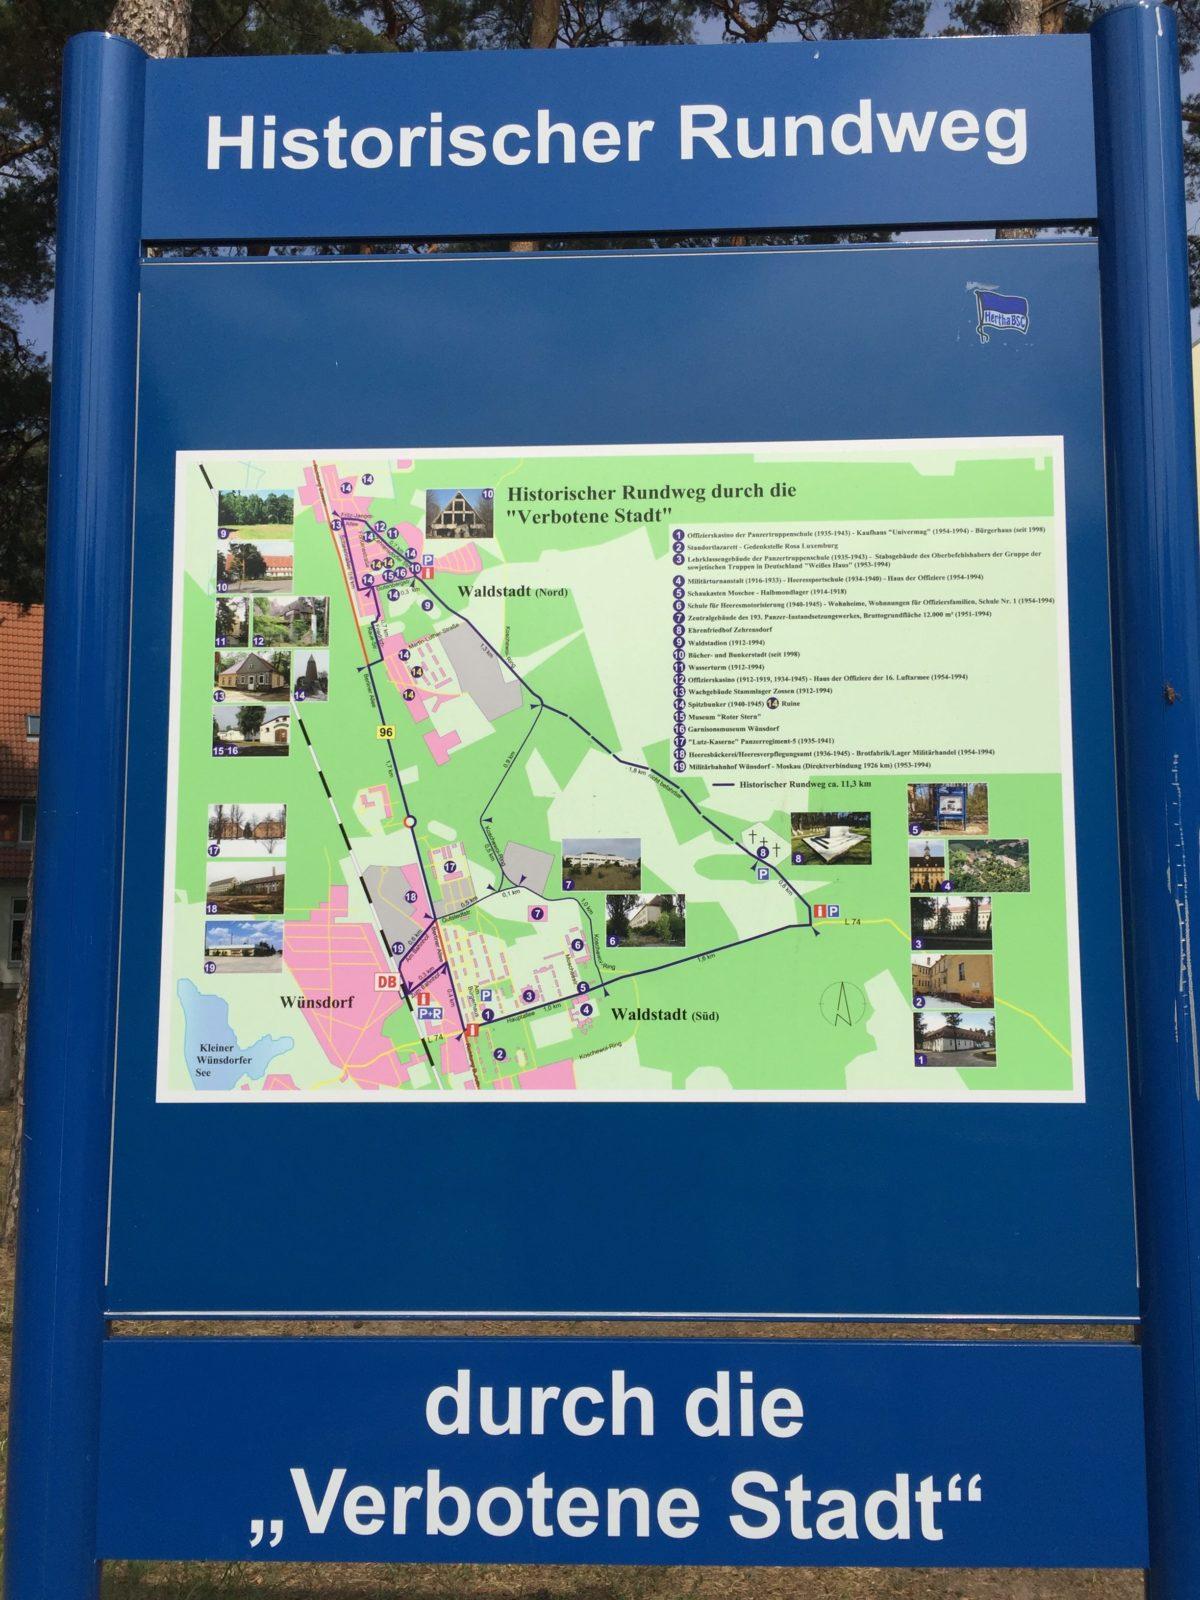 Verbotene Stadt Wünsdorf